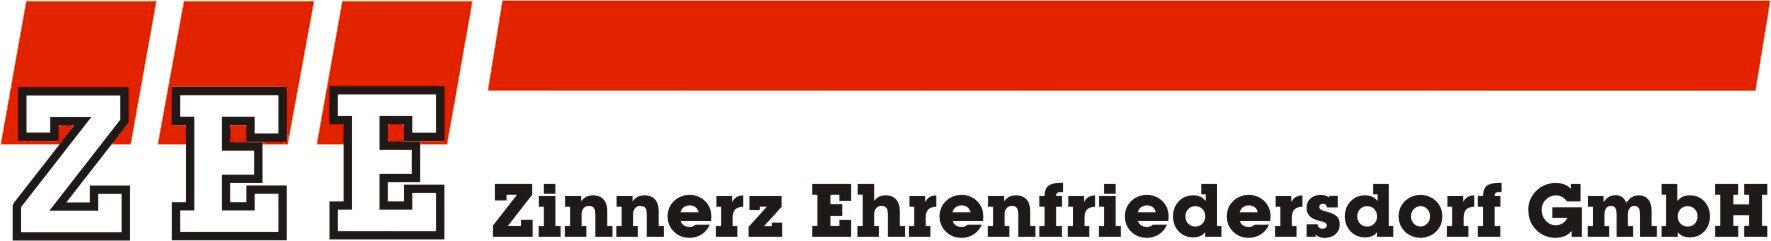 Zinnerz Ehrenfriedersdorf GmbH